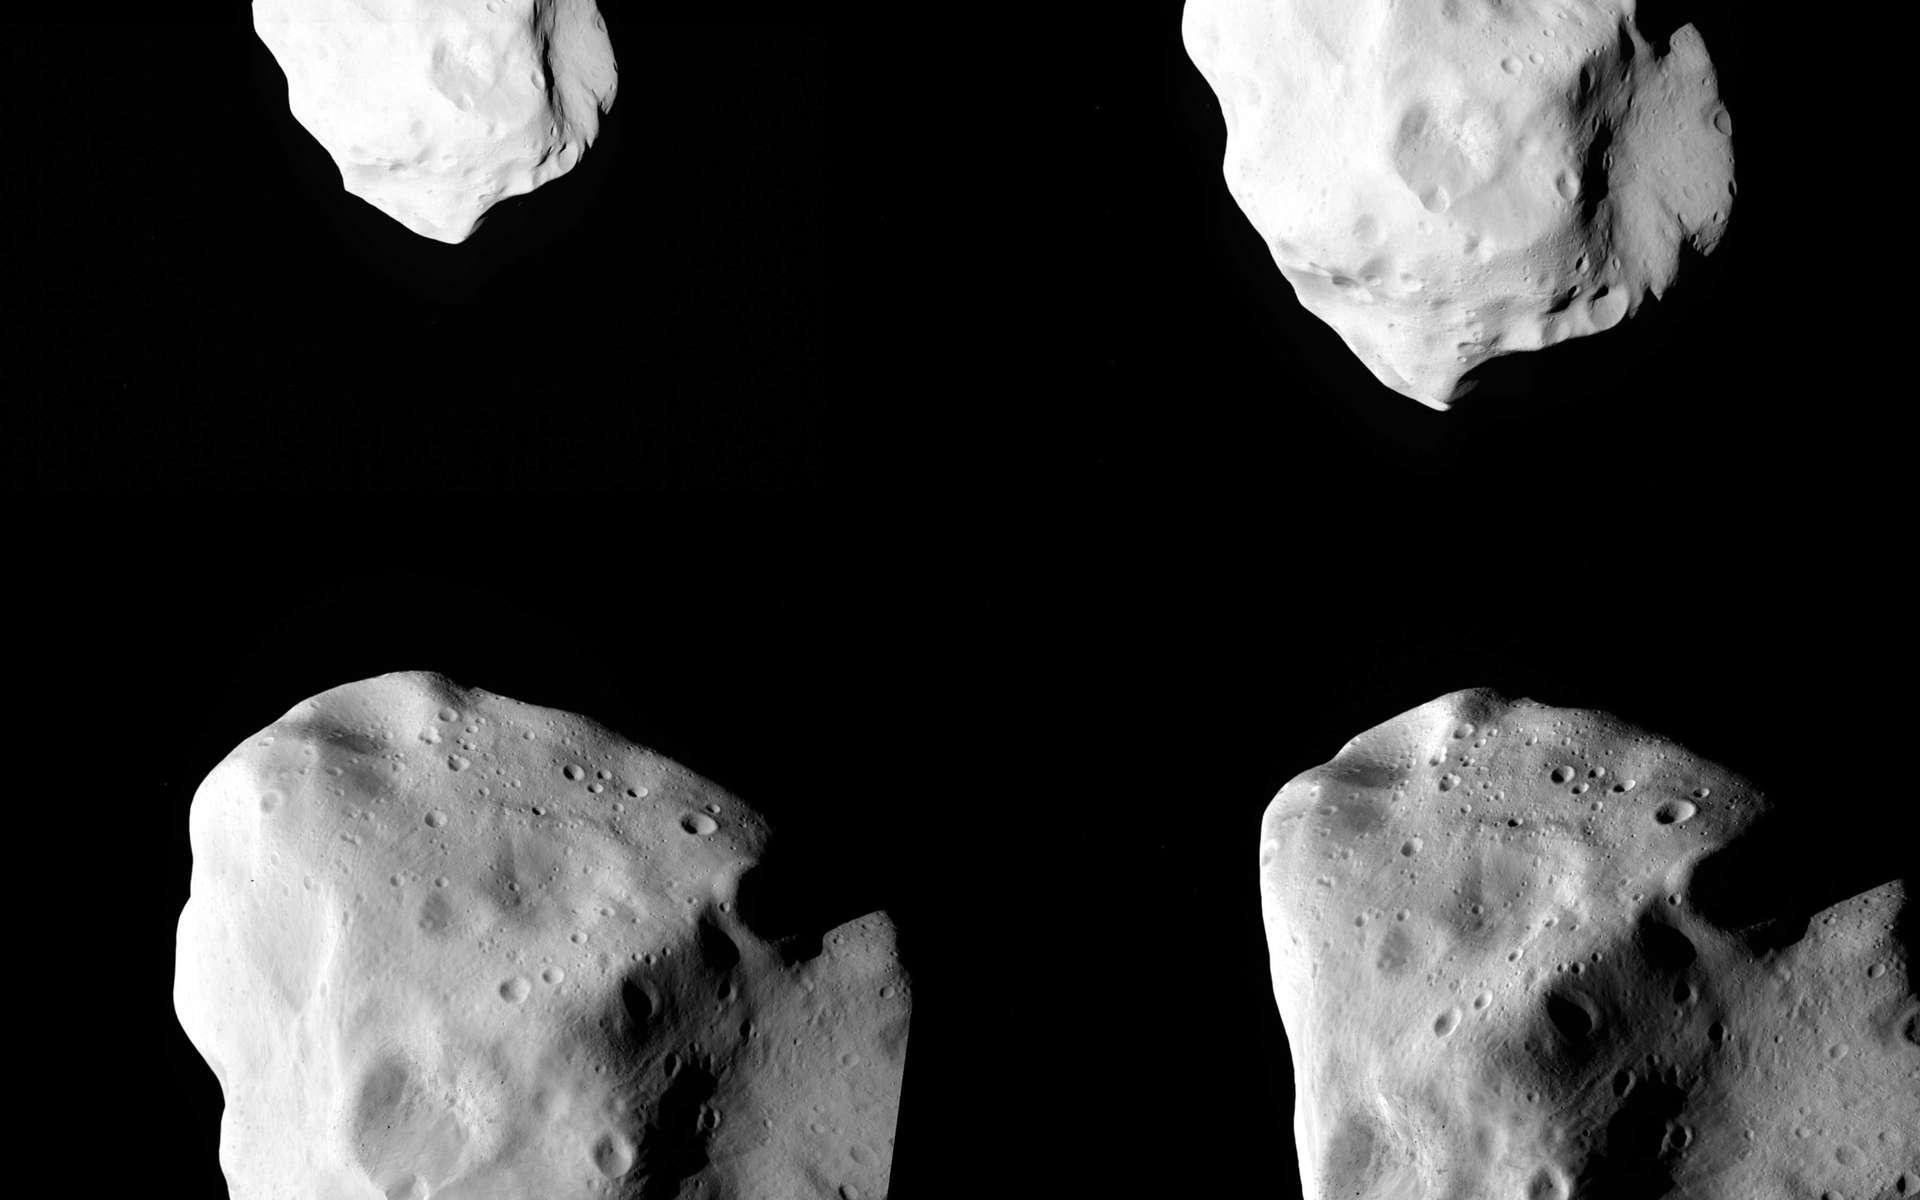 Sous son épaisse couche de régolithe de plusieurs centaines de mètres, Lutetia pourrait bien abriter les conditions qui ont prévalu au moment de la formation des planètes il y a plus de 4 milliards d'années. © Esa 2010 / MPS for OSIRIS Team MPS/UPD/LAM/IAA/RSSD/INTA/UPM/DASP/IDA